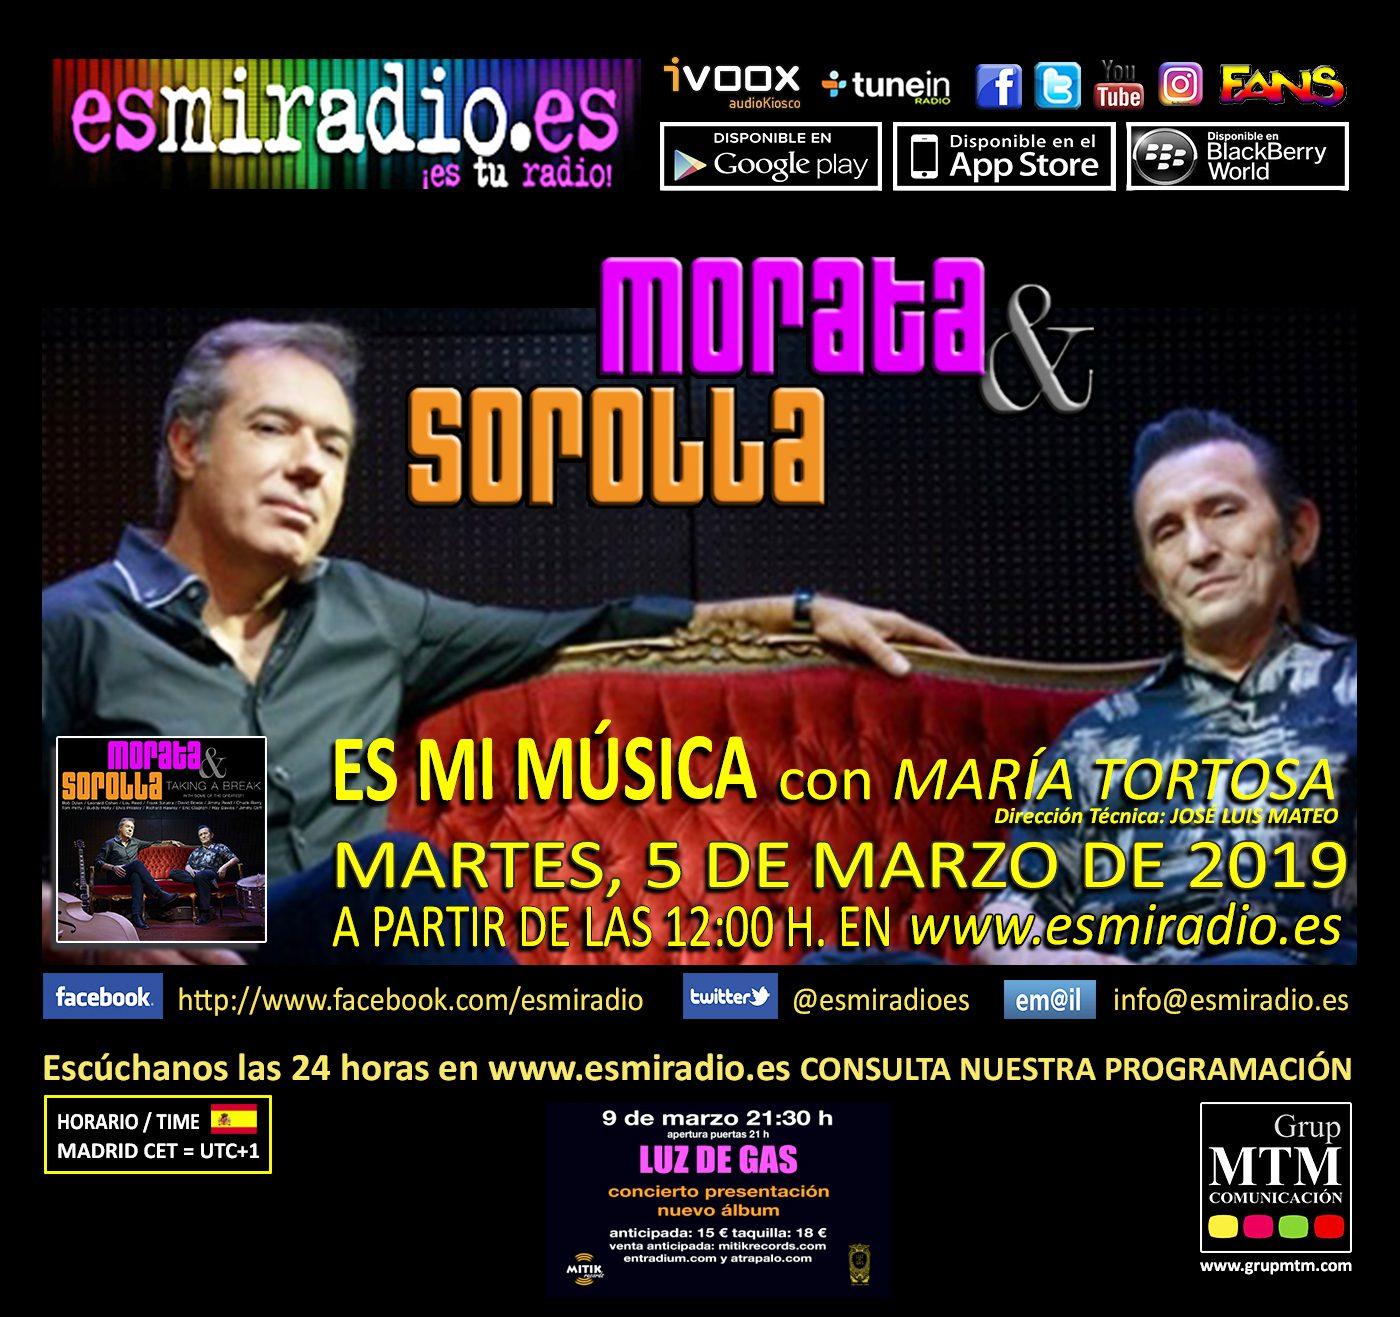 Morata & Sorolla en esmiradio.es el 05/03/19